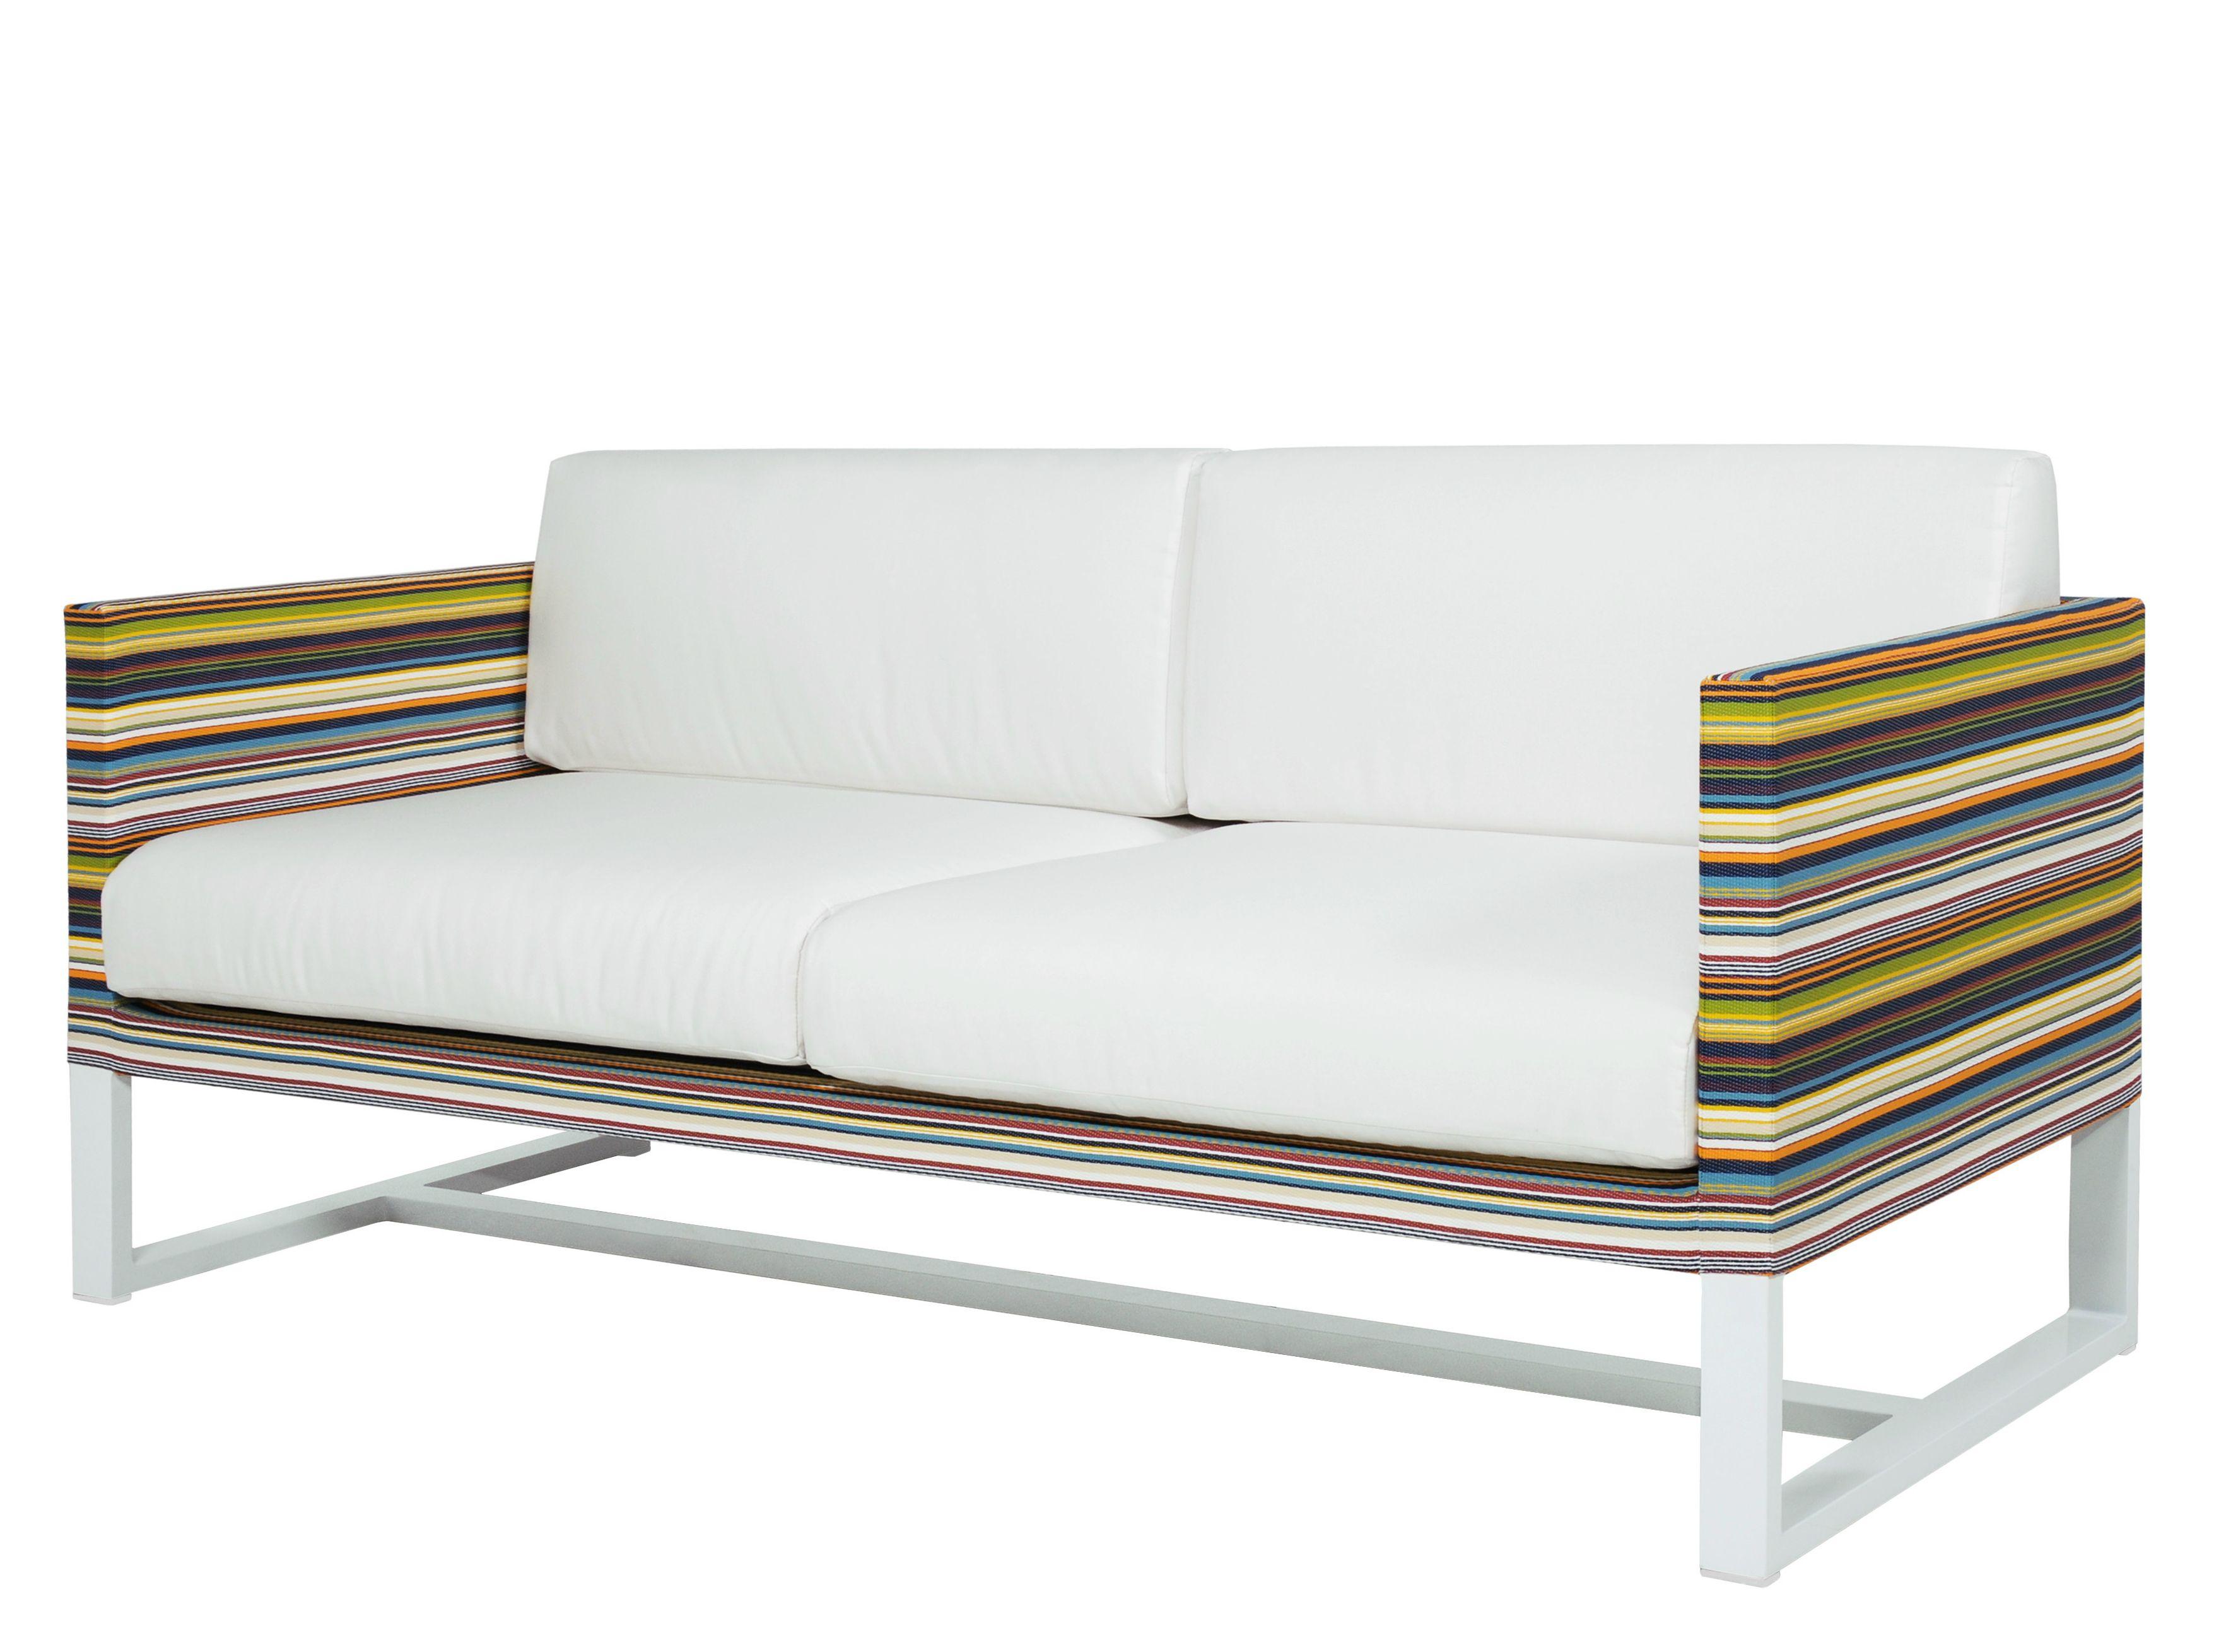 Striped 2 Seater Sofa Prodotti Reldfcafcbfac